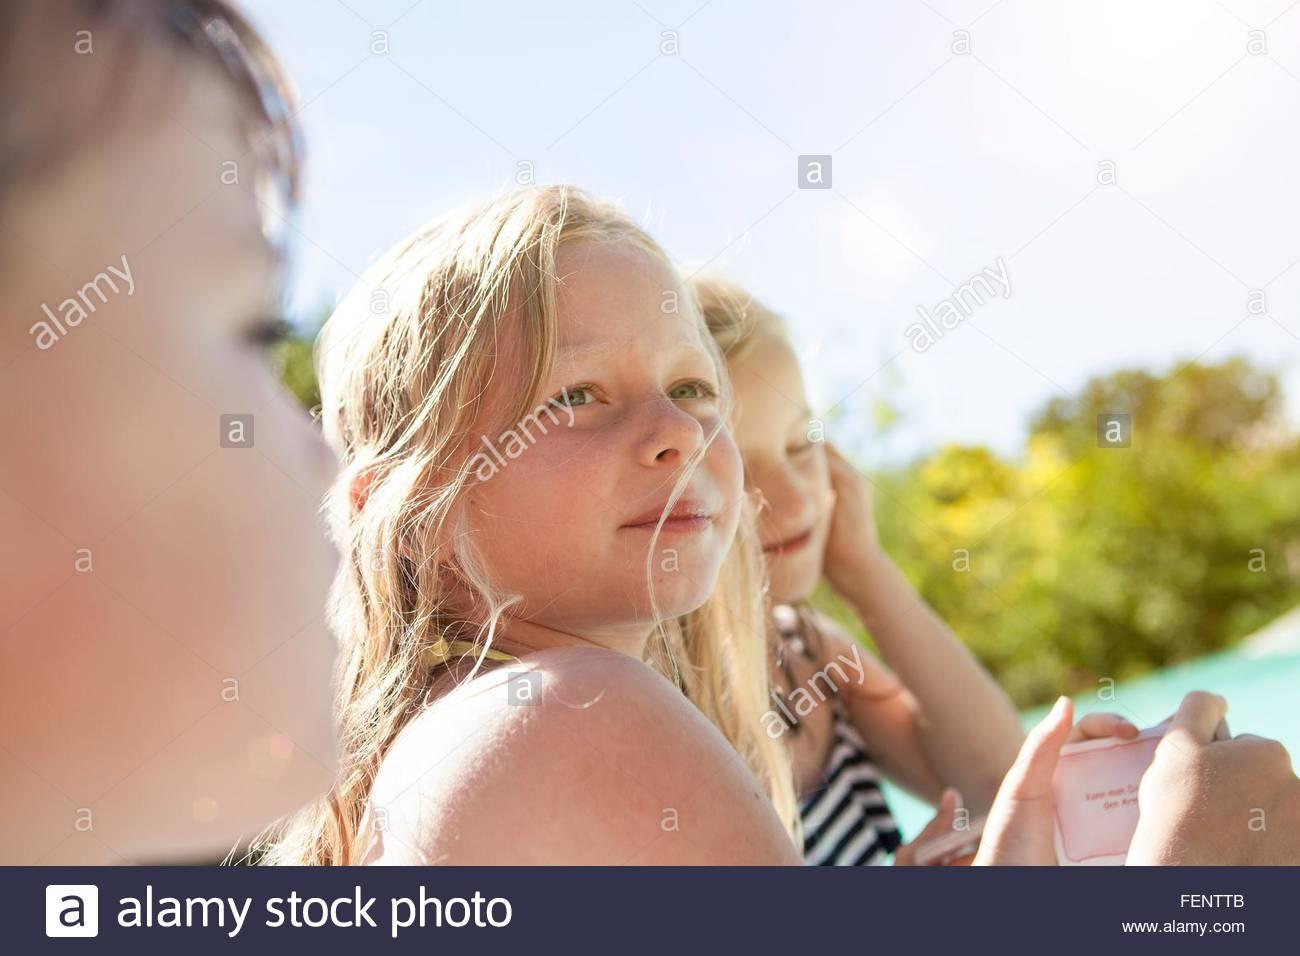 Drei kleine Kinder, im Freien, wegschauen Stockbild